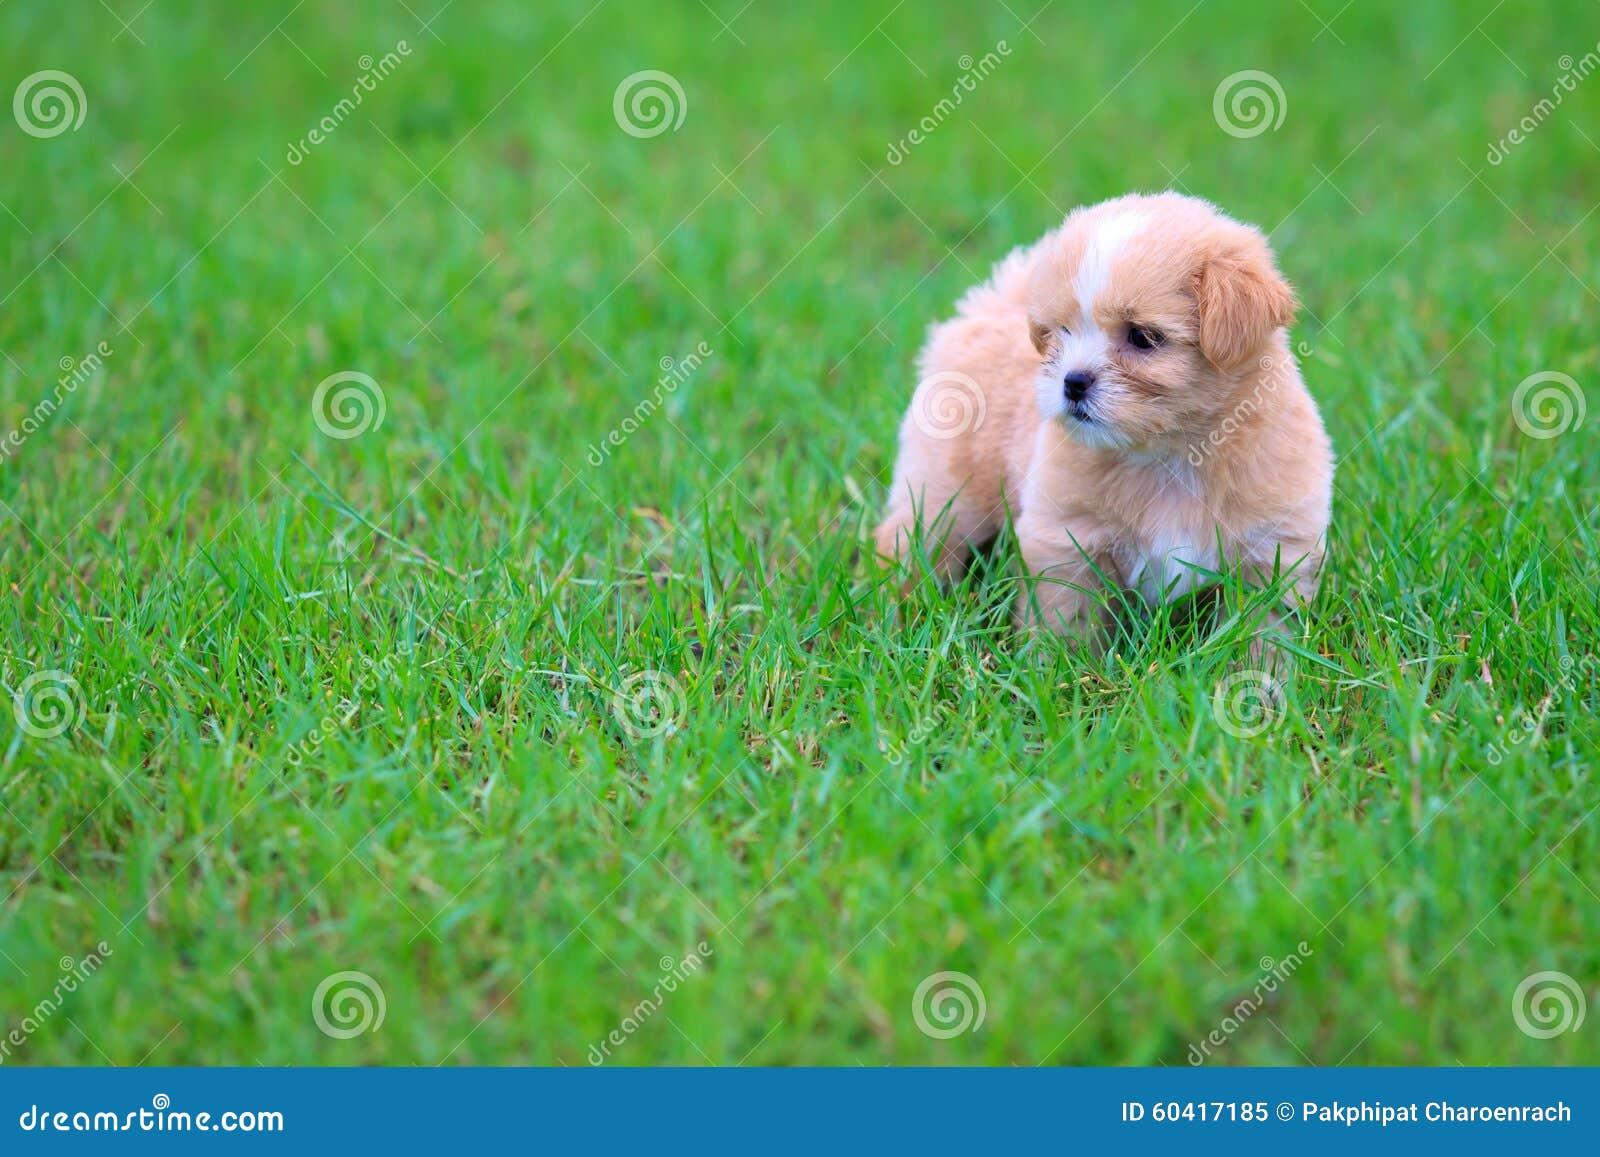 Щенок Shih-tzu в траве